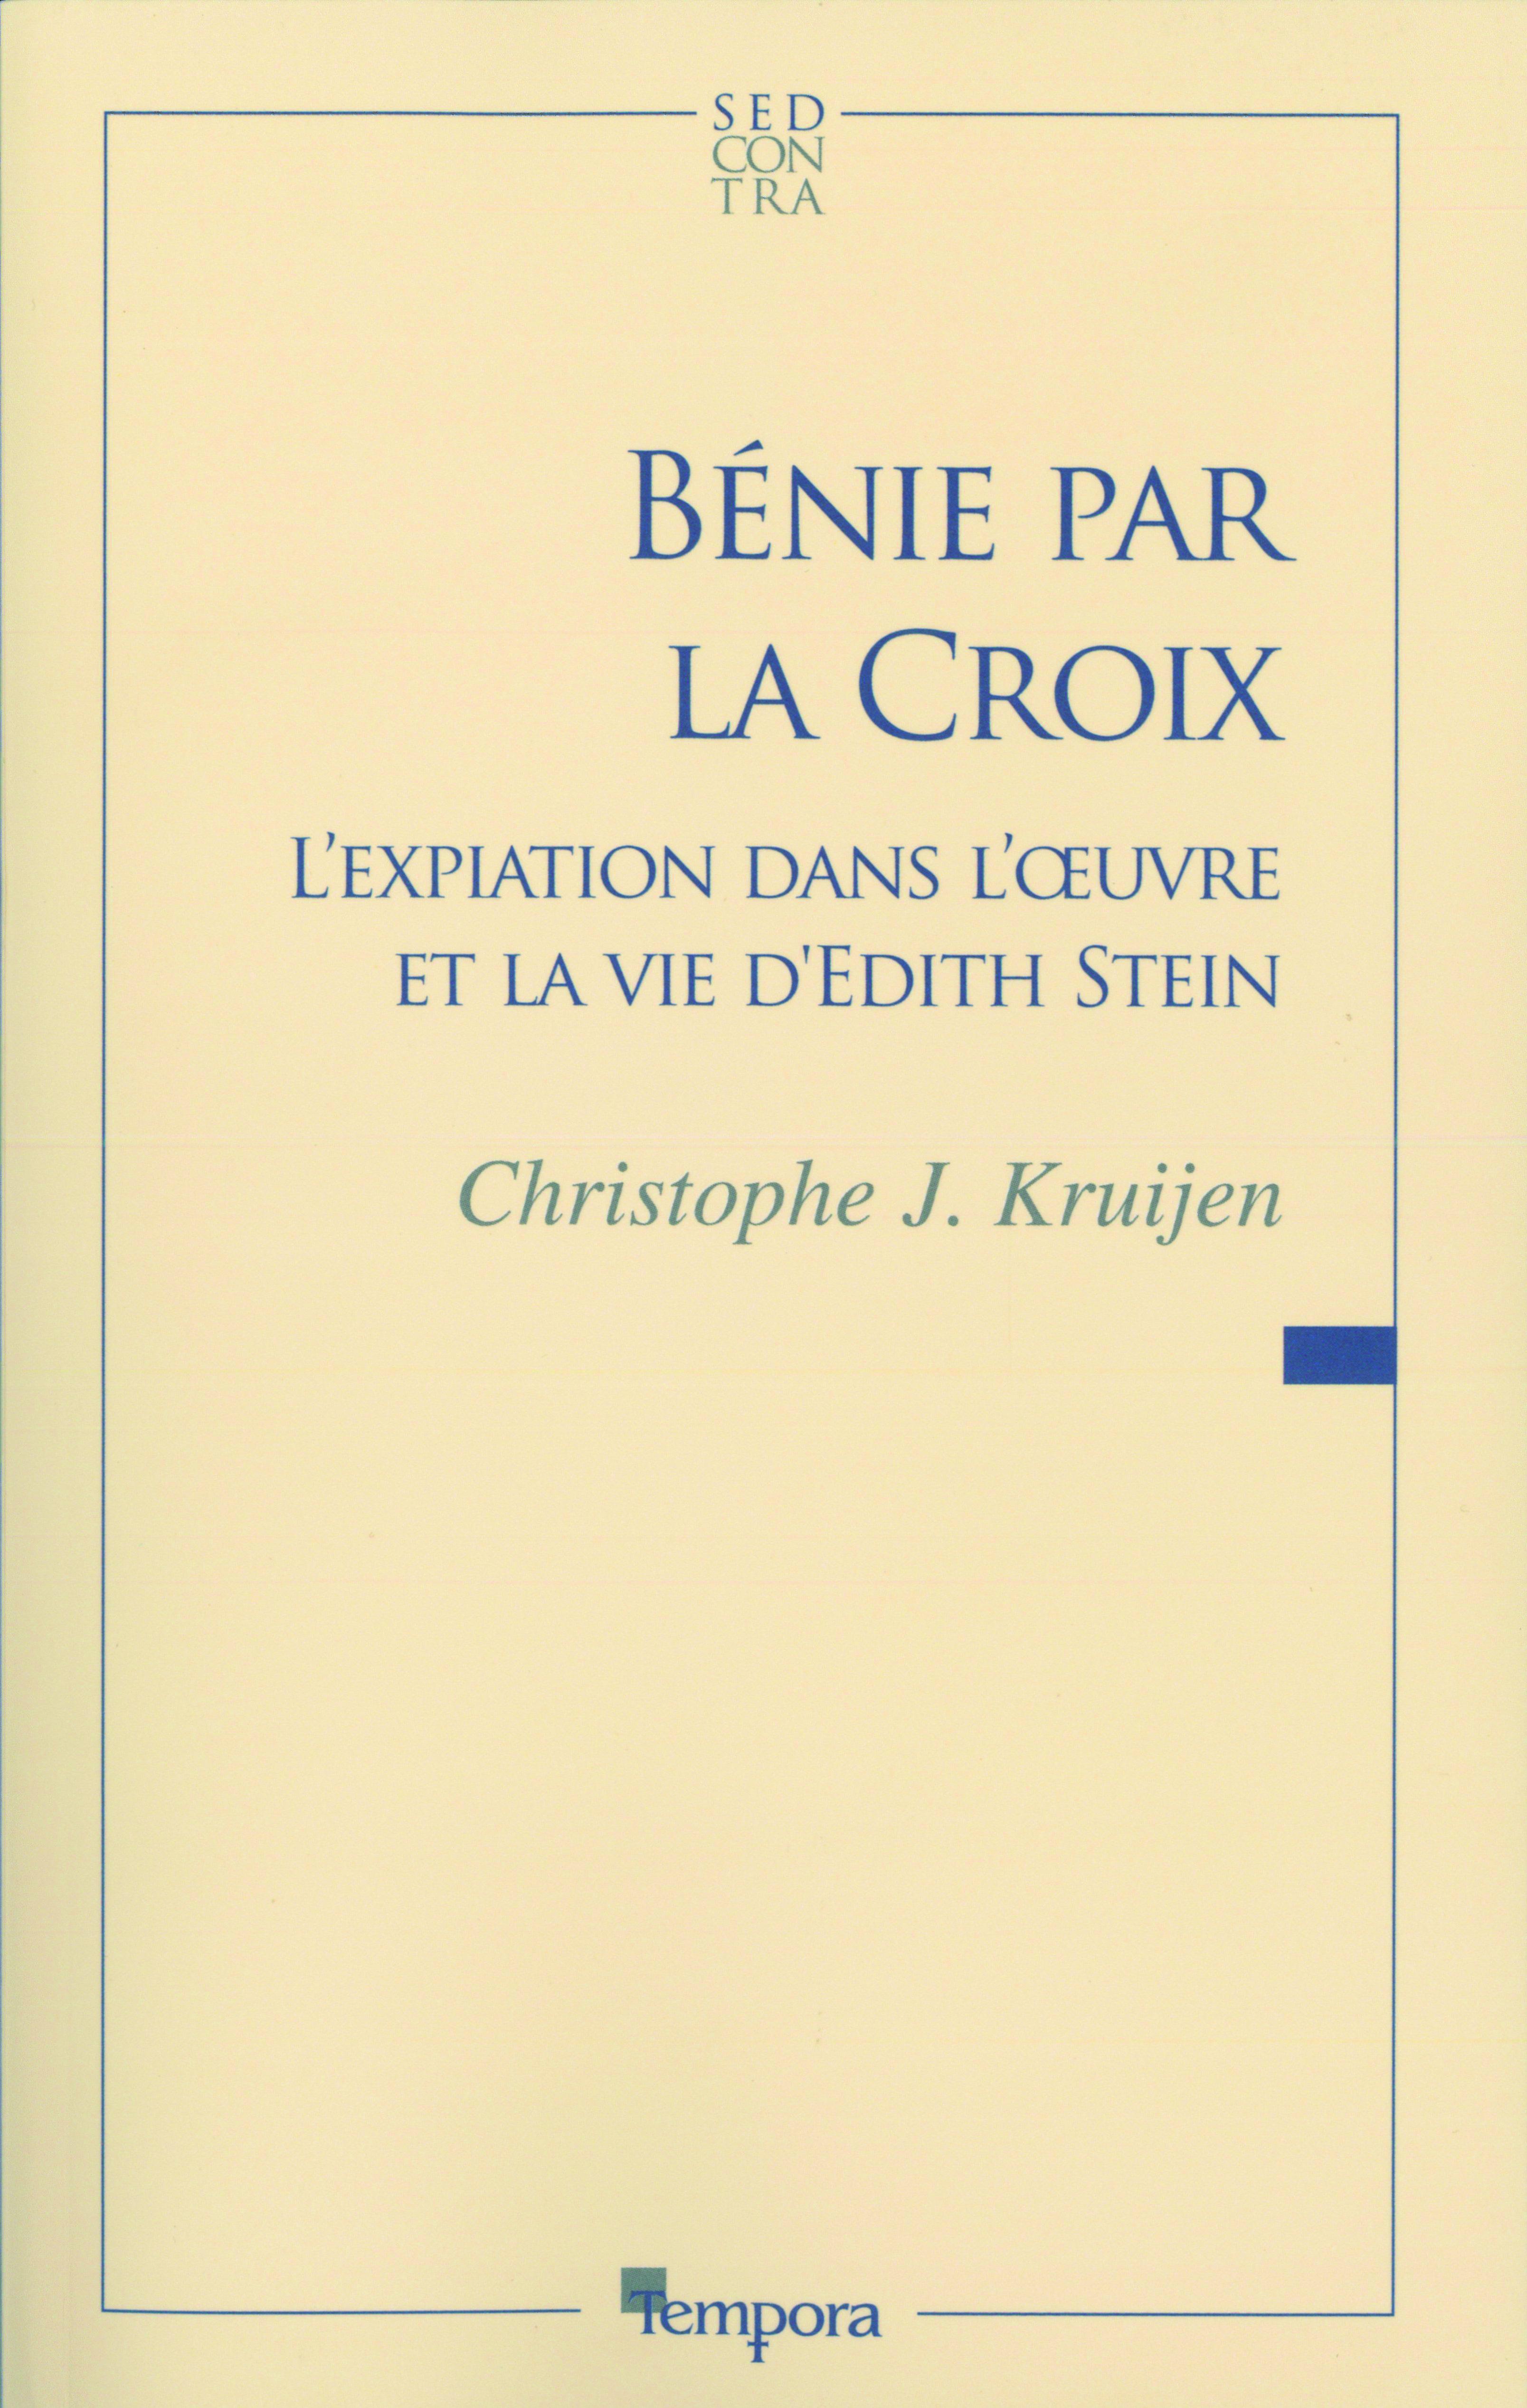 BENIE PAR LA CROIX